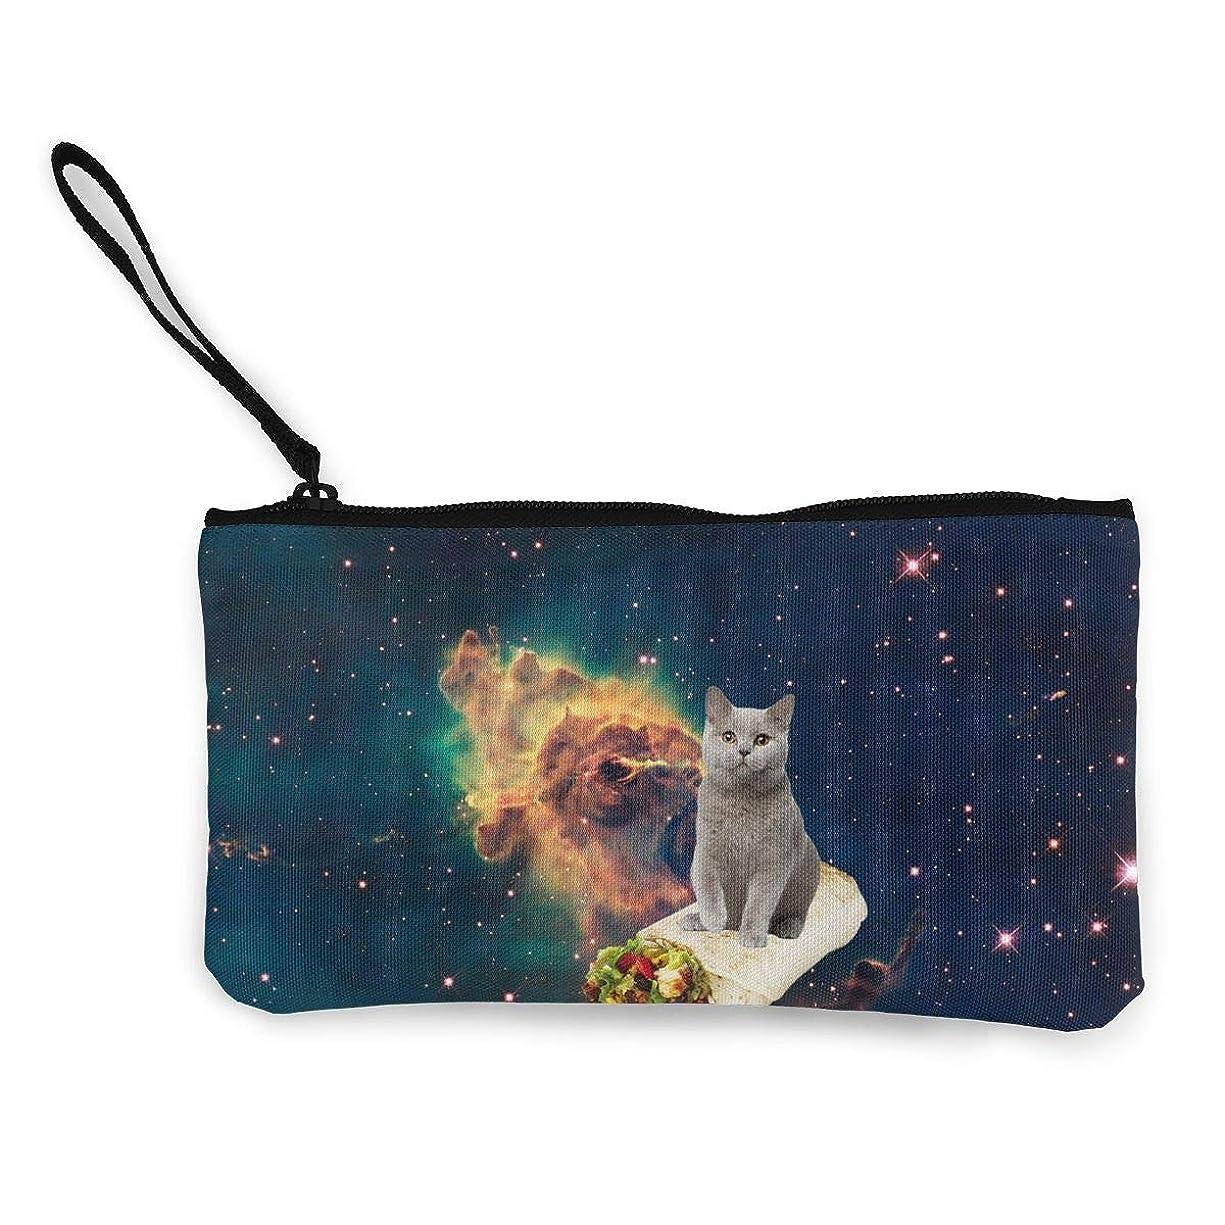 動く資金サミュエルErmiCo レディース 小銭入れ キャンバス財布 太空柄猫 小遣い財布 財布 鍵 小物 充電器 収納 長財布 ファスナー付き 22×12cm